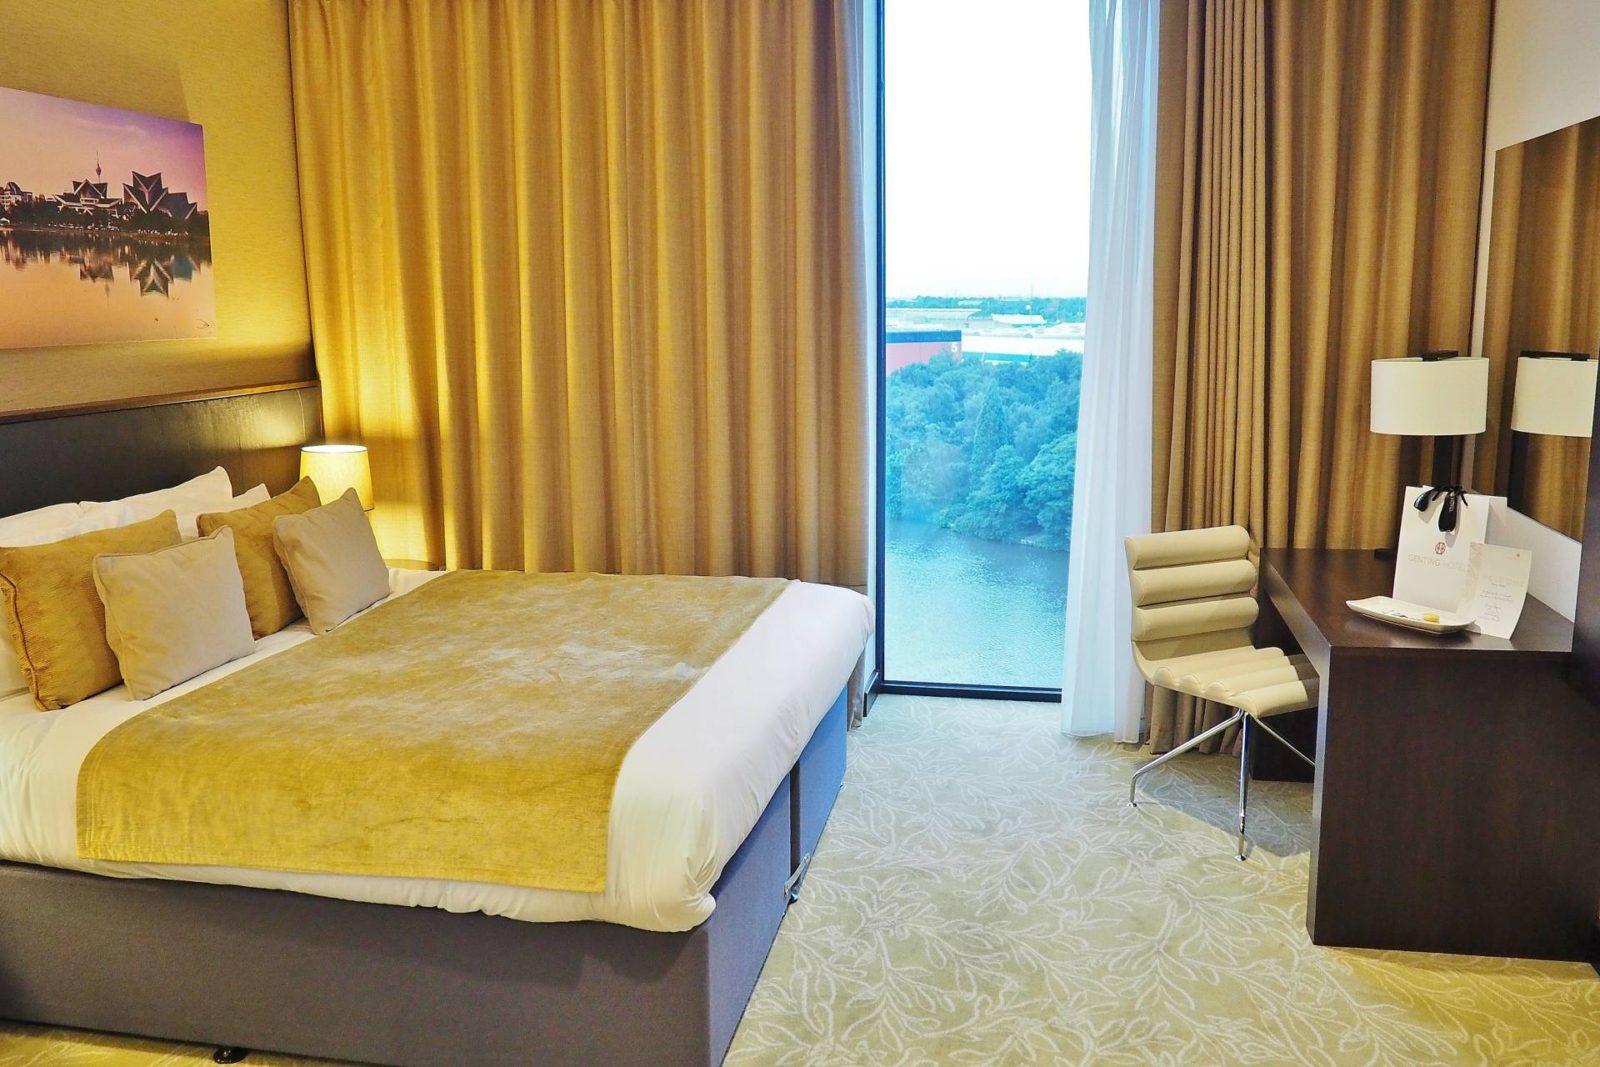 Genting Hotel Birmingham Superior Room